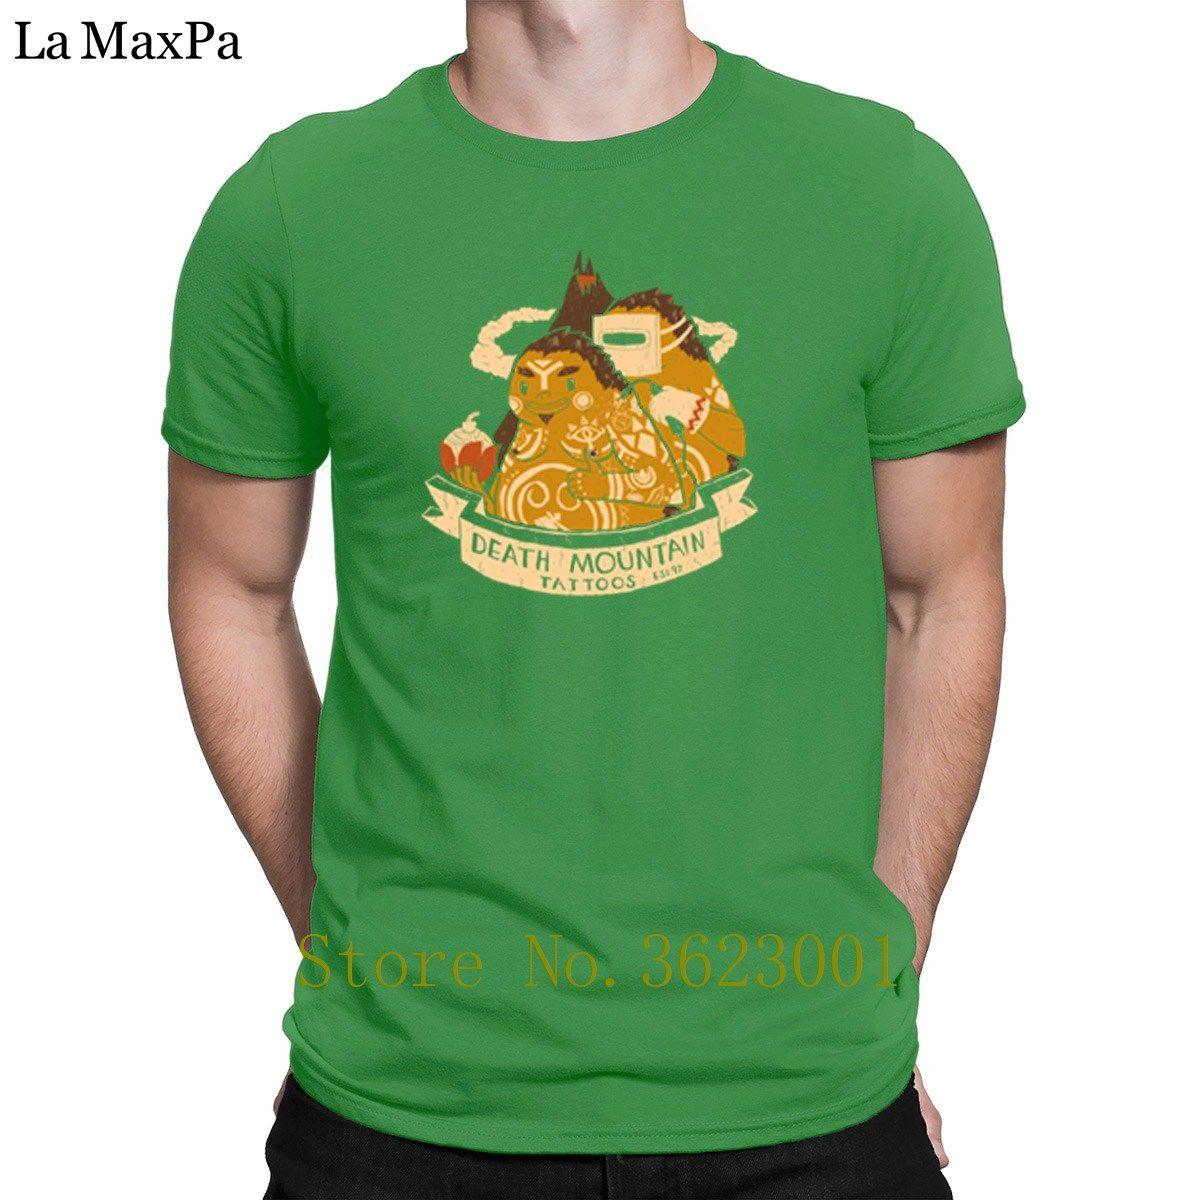 Printing Rundhals T-Shirt Todesberg Tattoos T-Shirt Familien-Homme-Männer-T-Shirt Hiphop-Männer-T-Shirt Weinlese-Breath